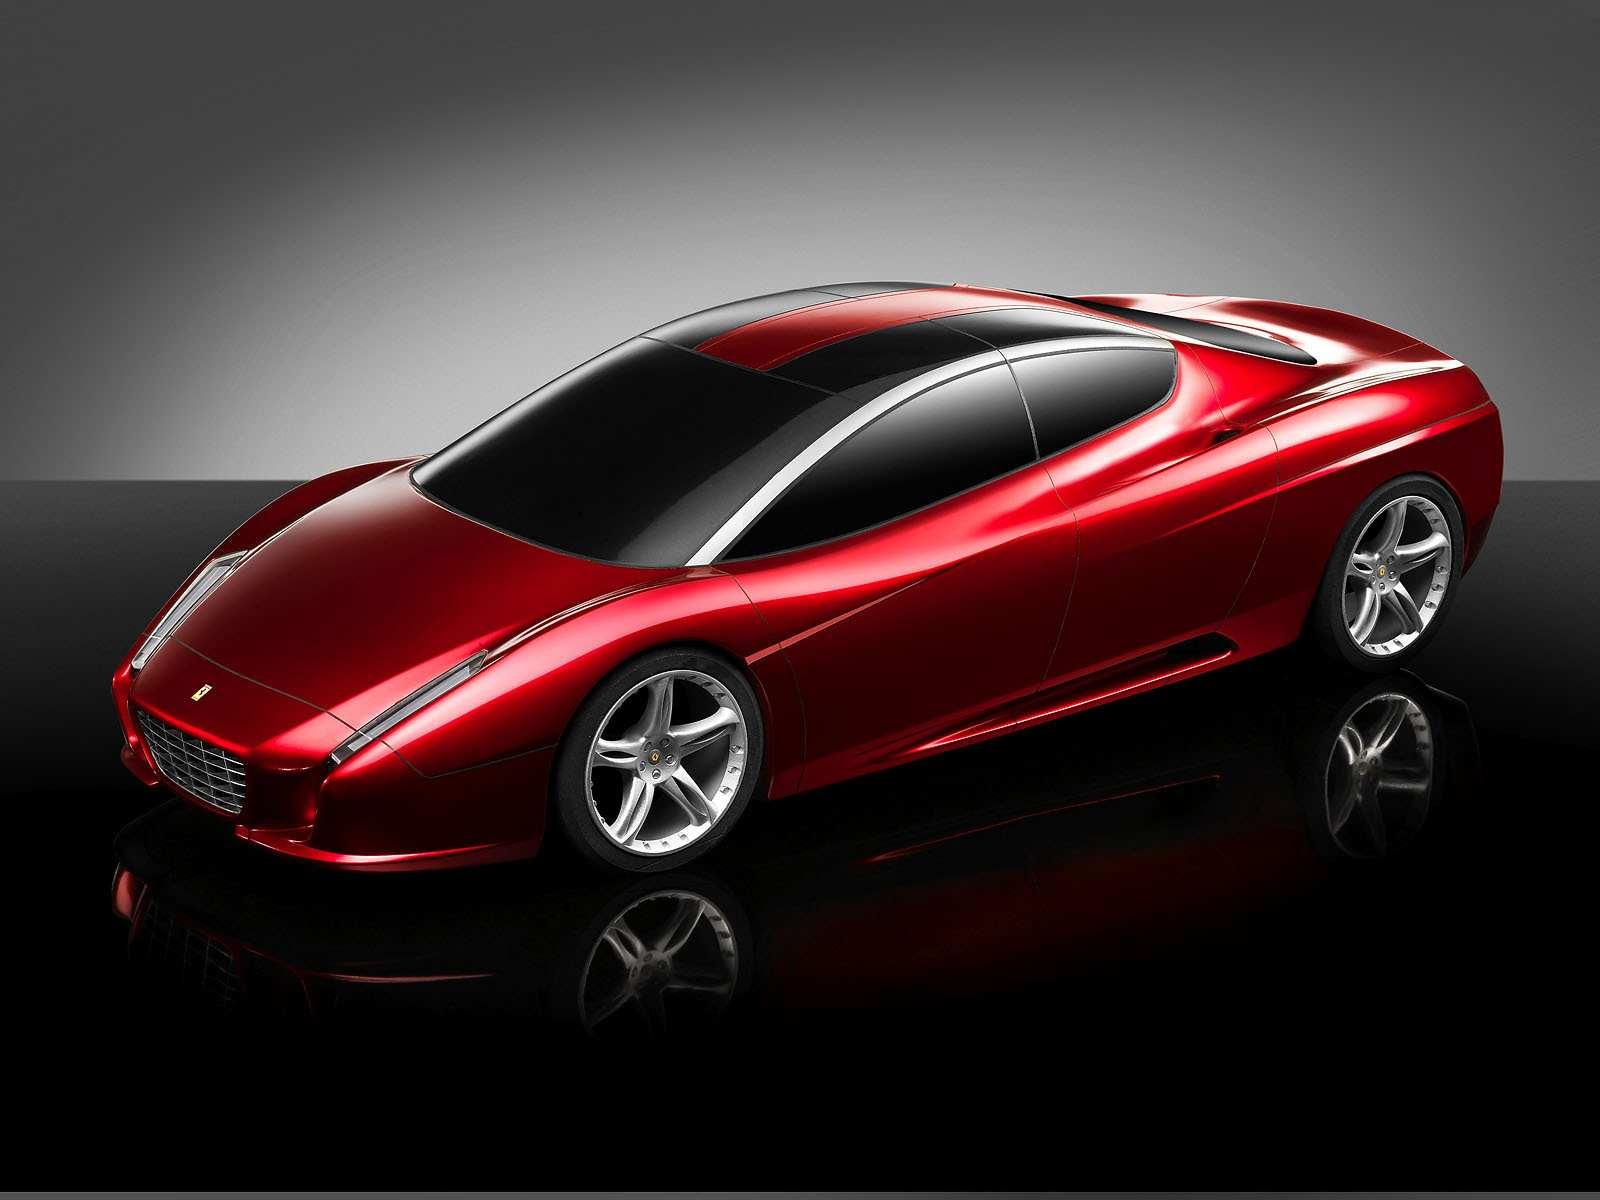 ferrari_concept_car_6